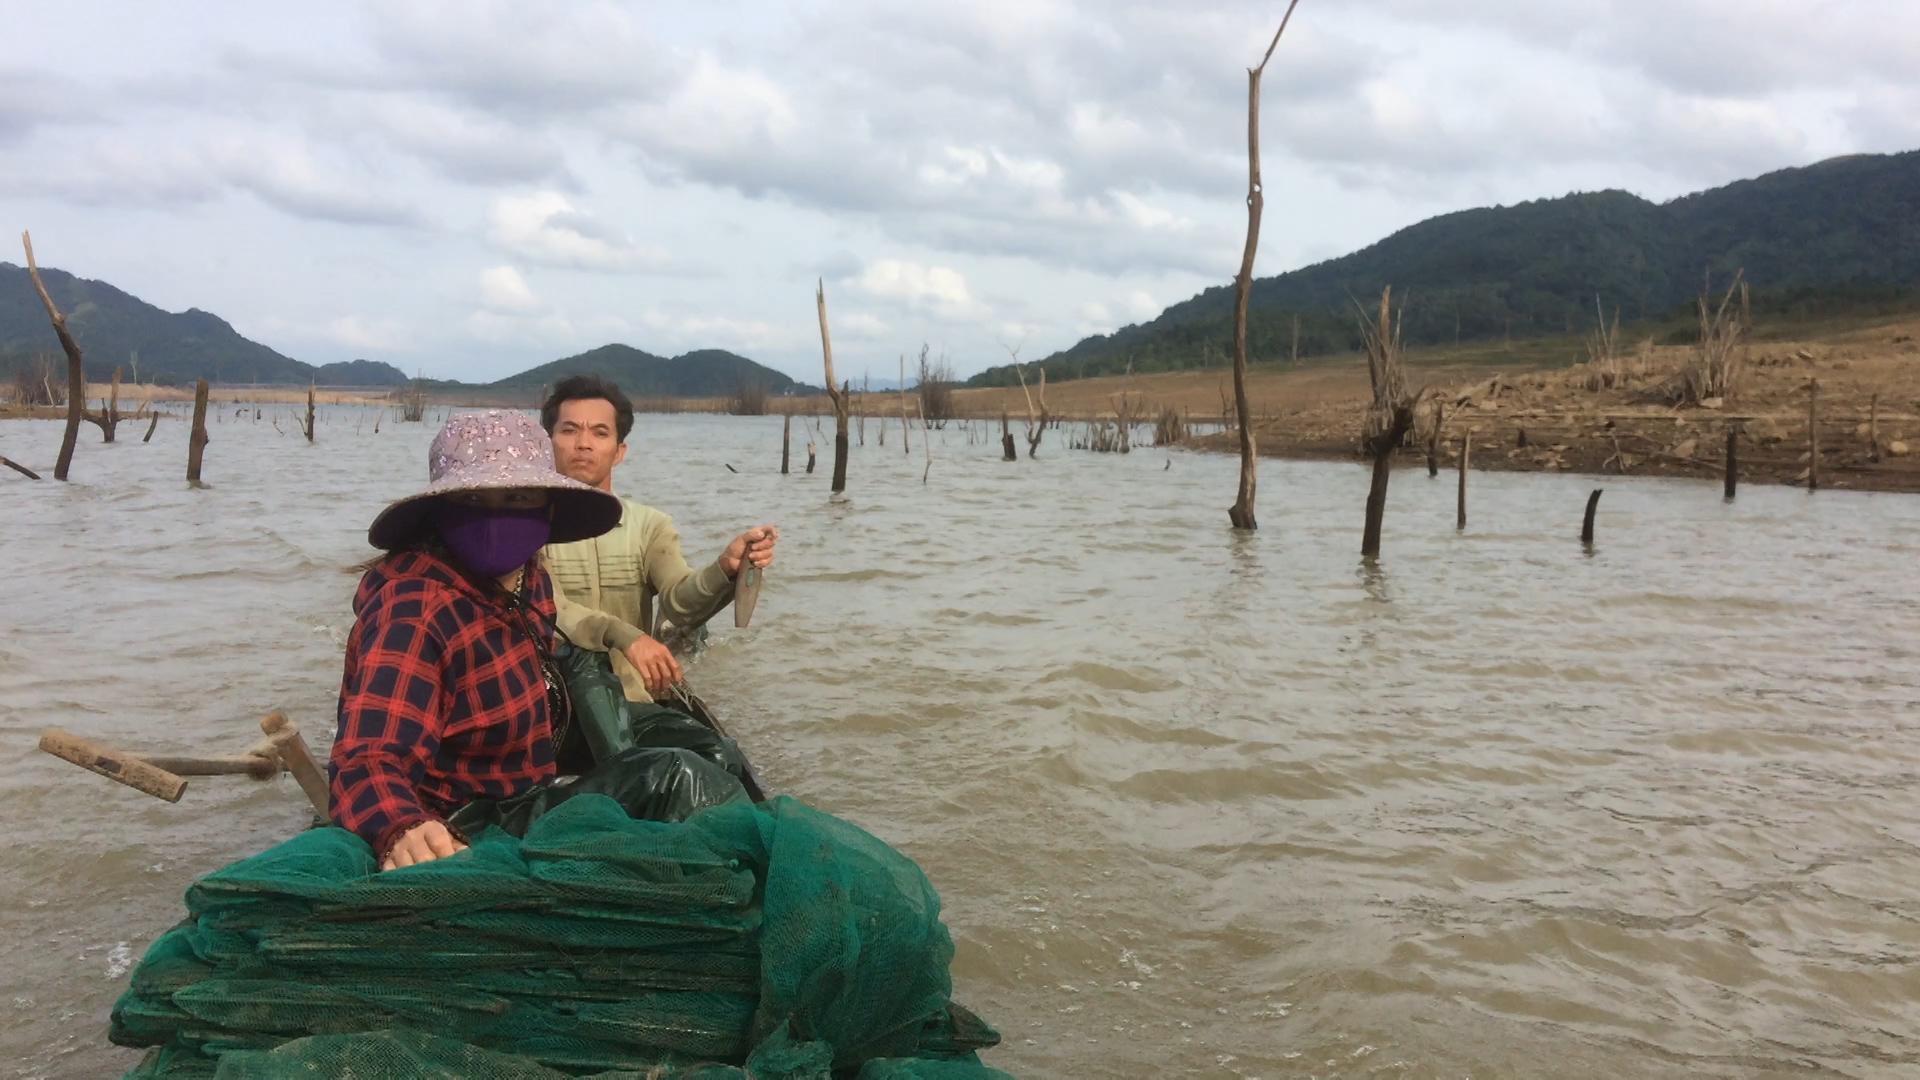 Vợ chồng thả 1.200 mét lừ bắt cá bống giữa hồ thuỷ điện